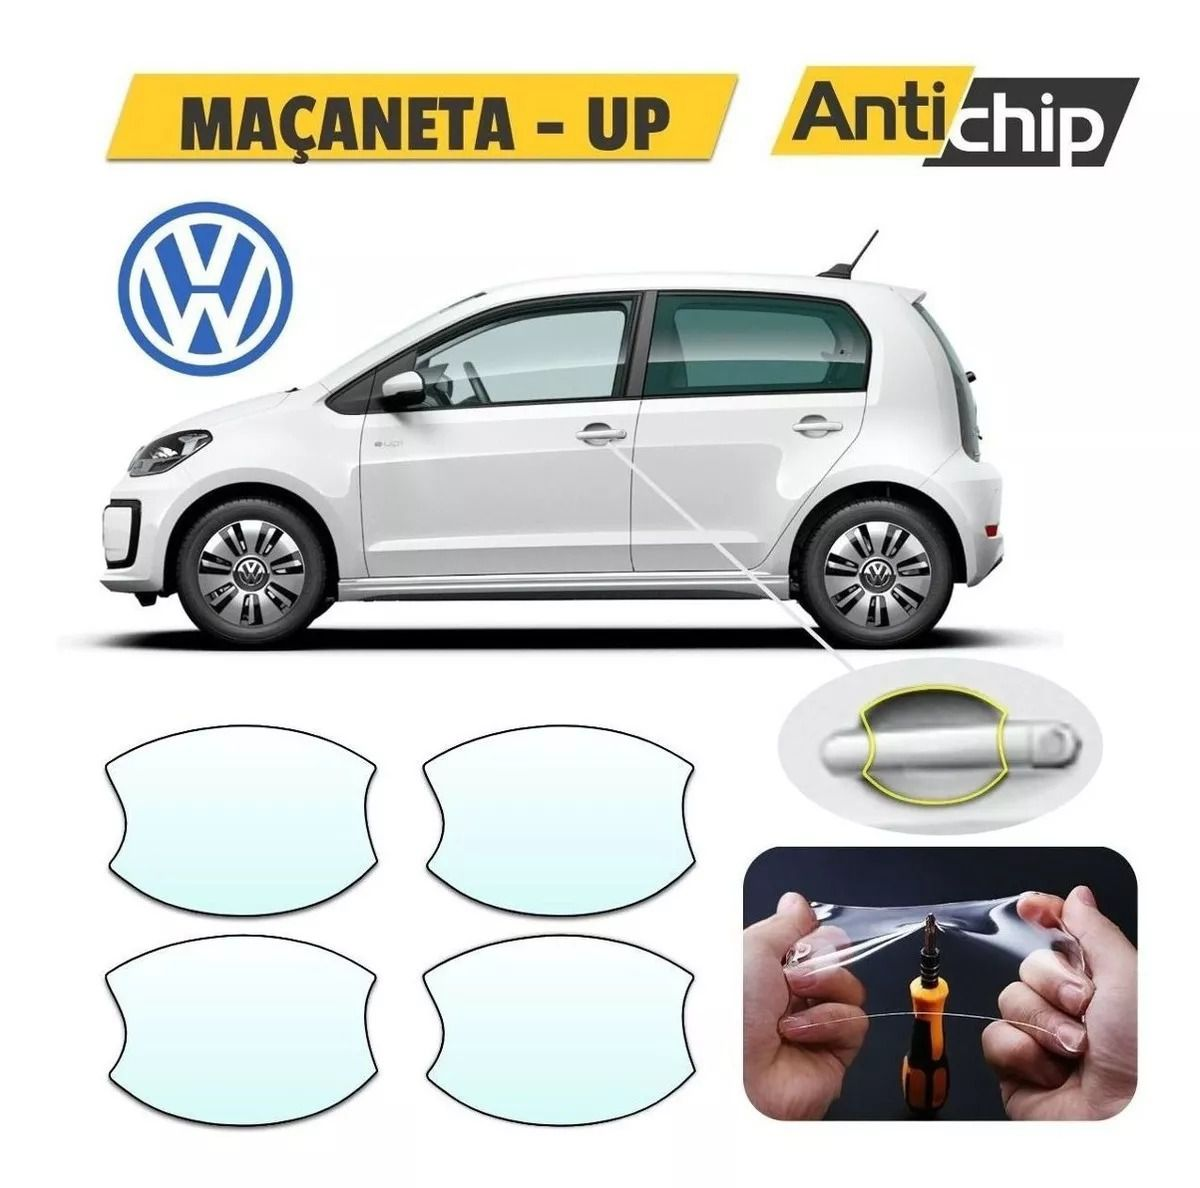 Kit Pelicula Proteção Maçaneta + Soleira + Canto Porta VW UP - Antichip